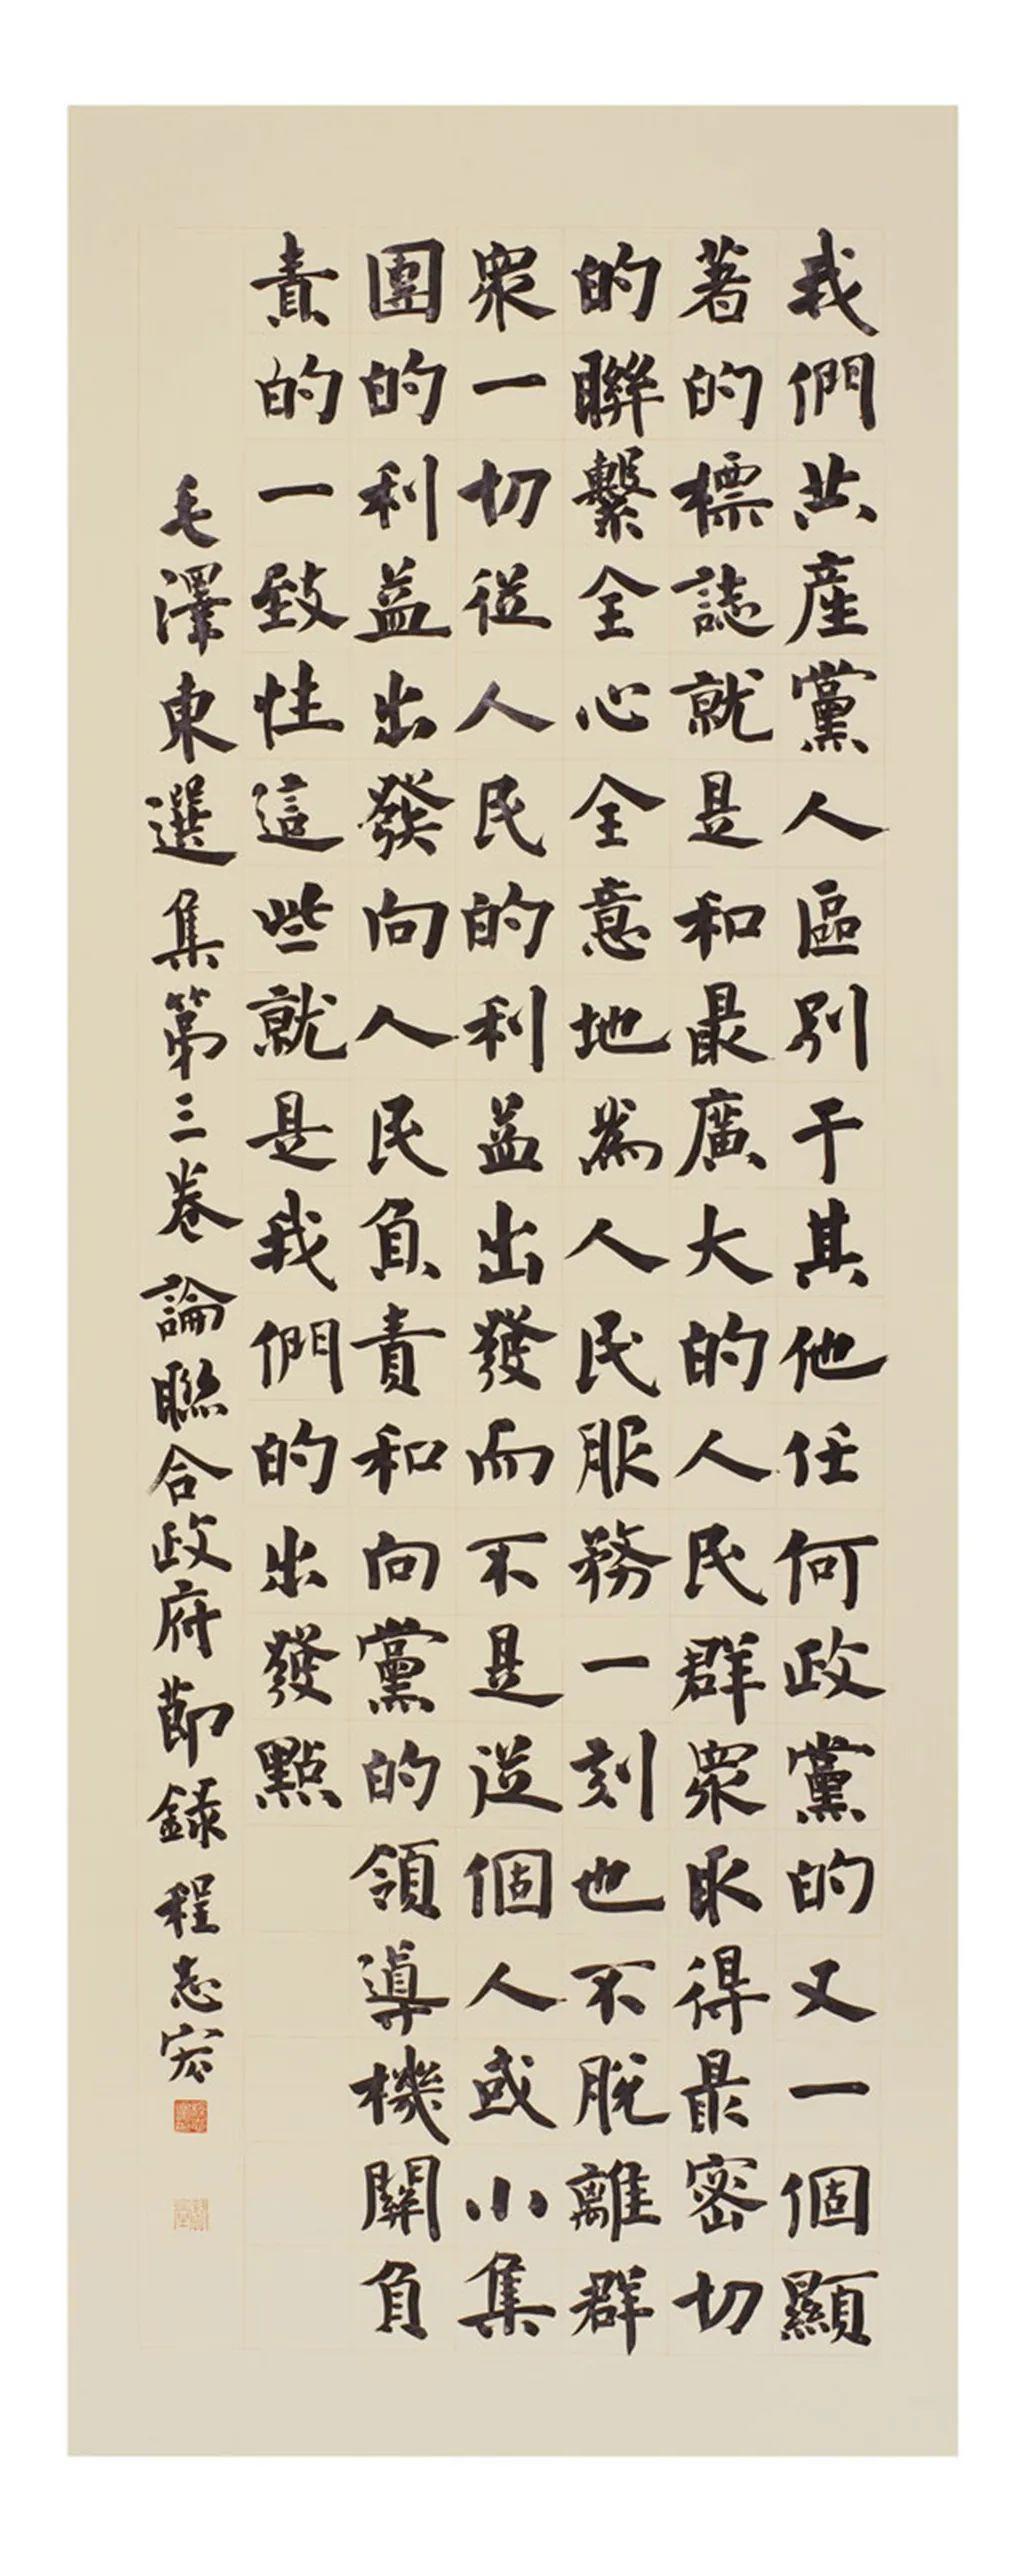 中国力量——全国扶贫书法大展作品 | 第一篇章 :人民至上(图9)